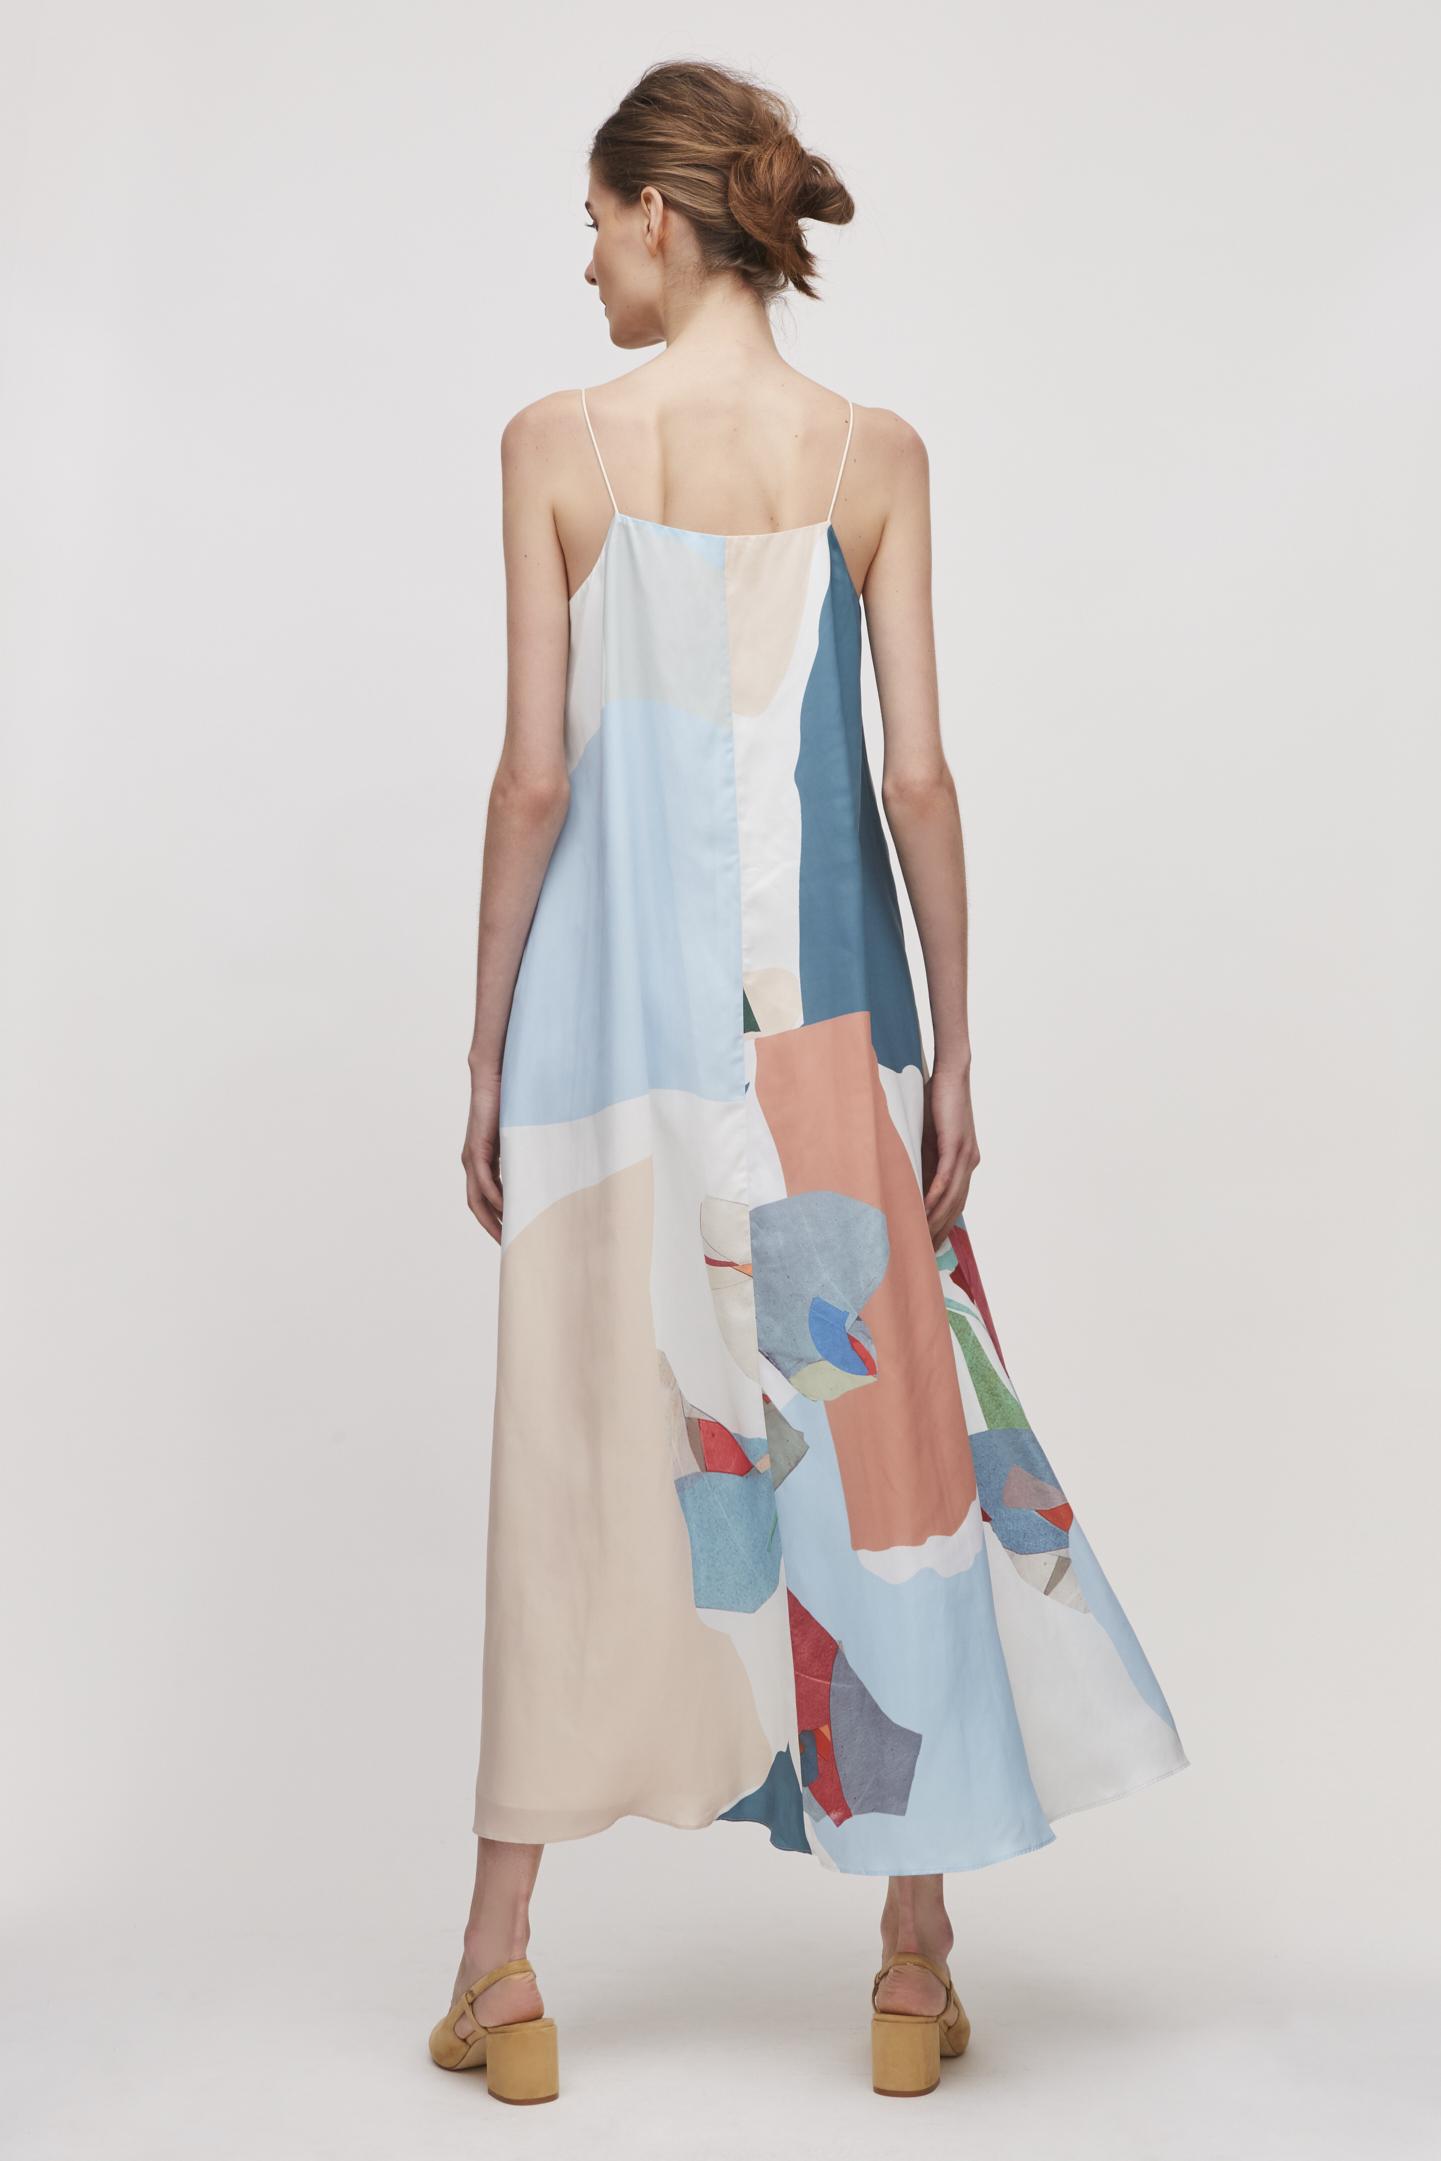 Archive Tent Dress